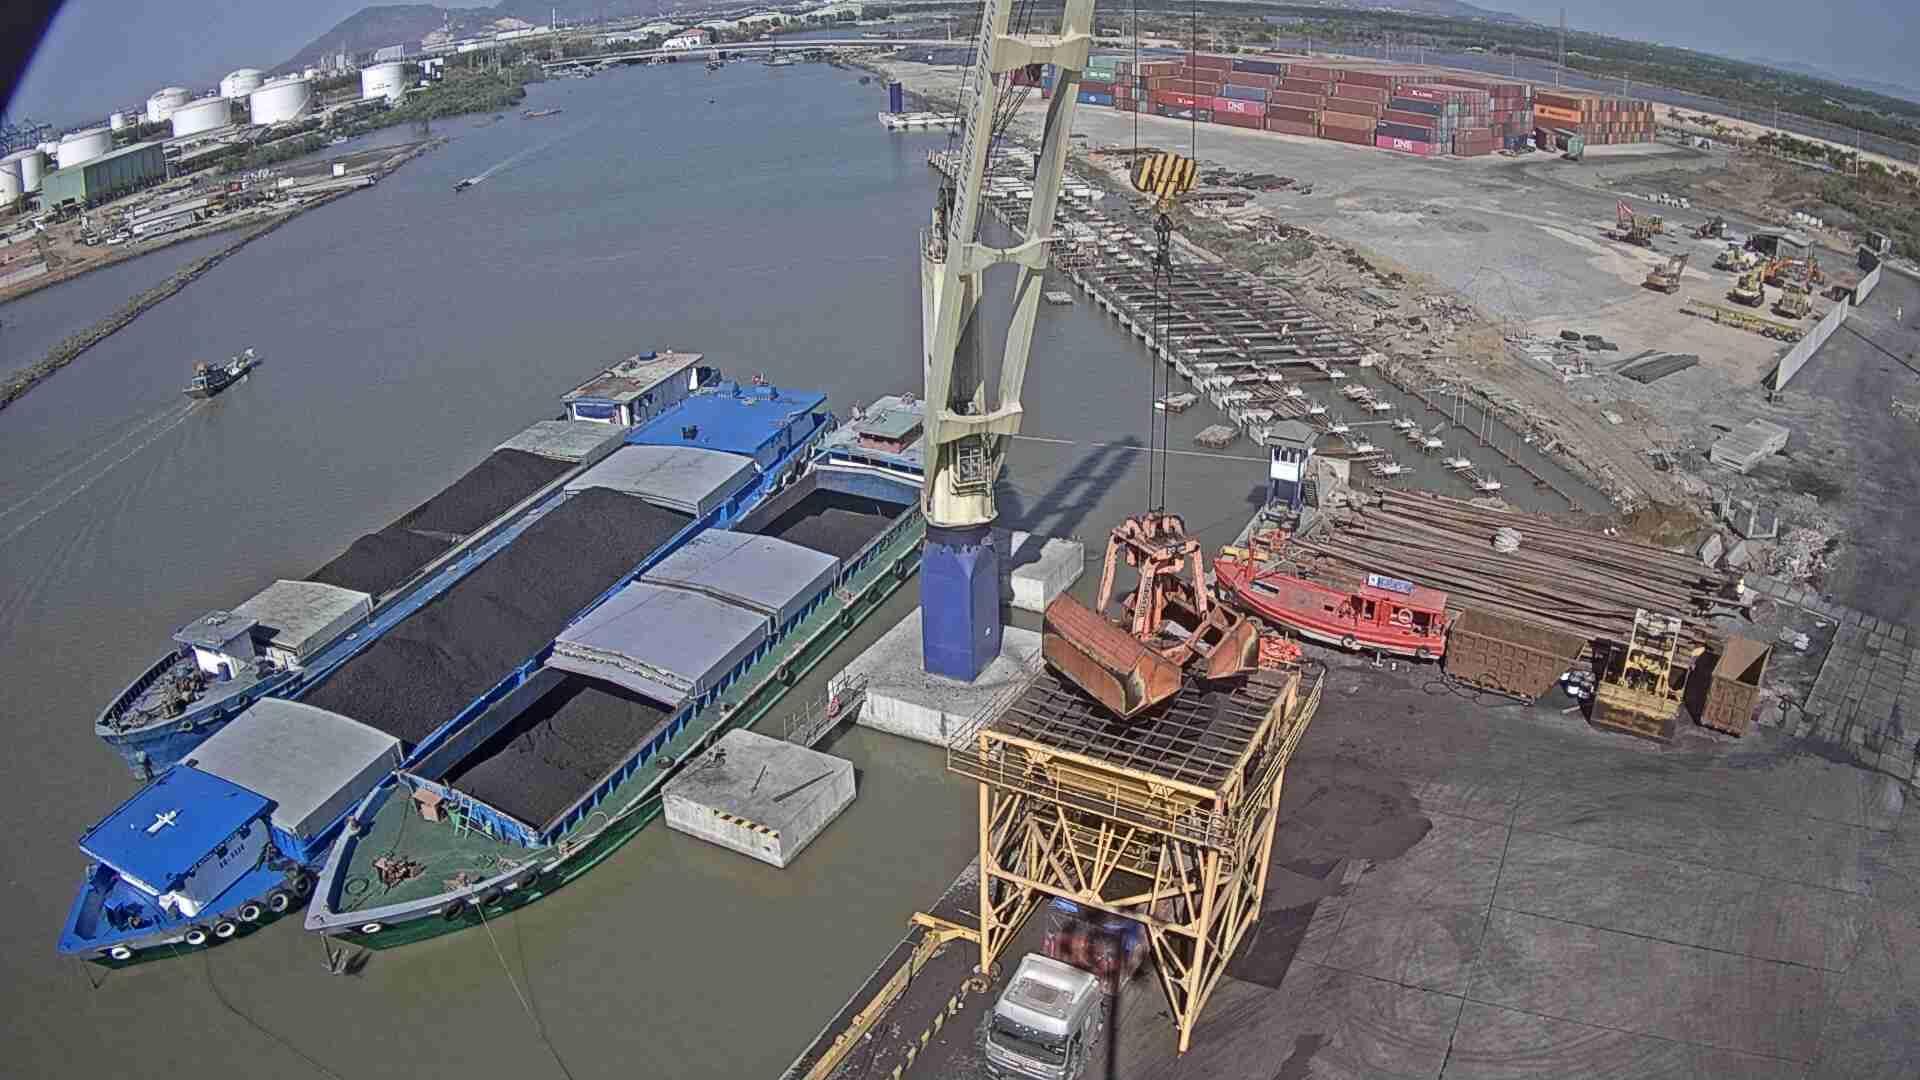 Hoạt động nhập khẩu than vào Việt Nam liệu có dễ dàng?